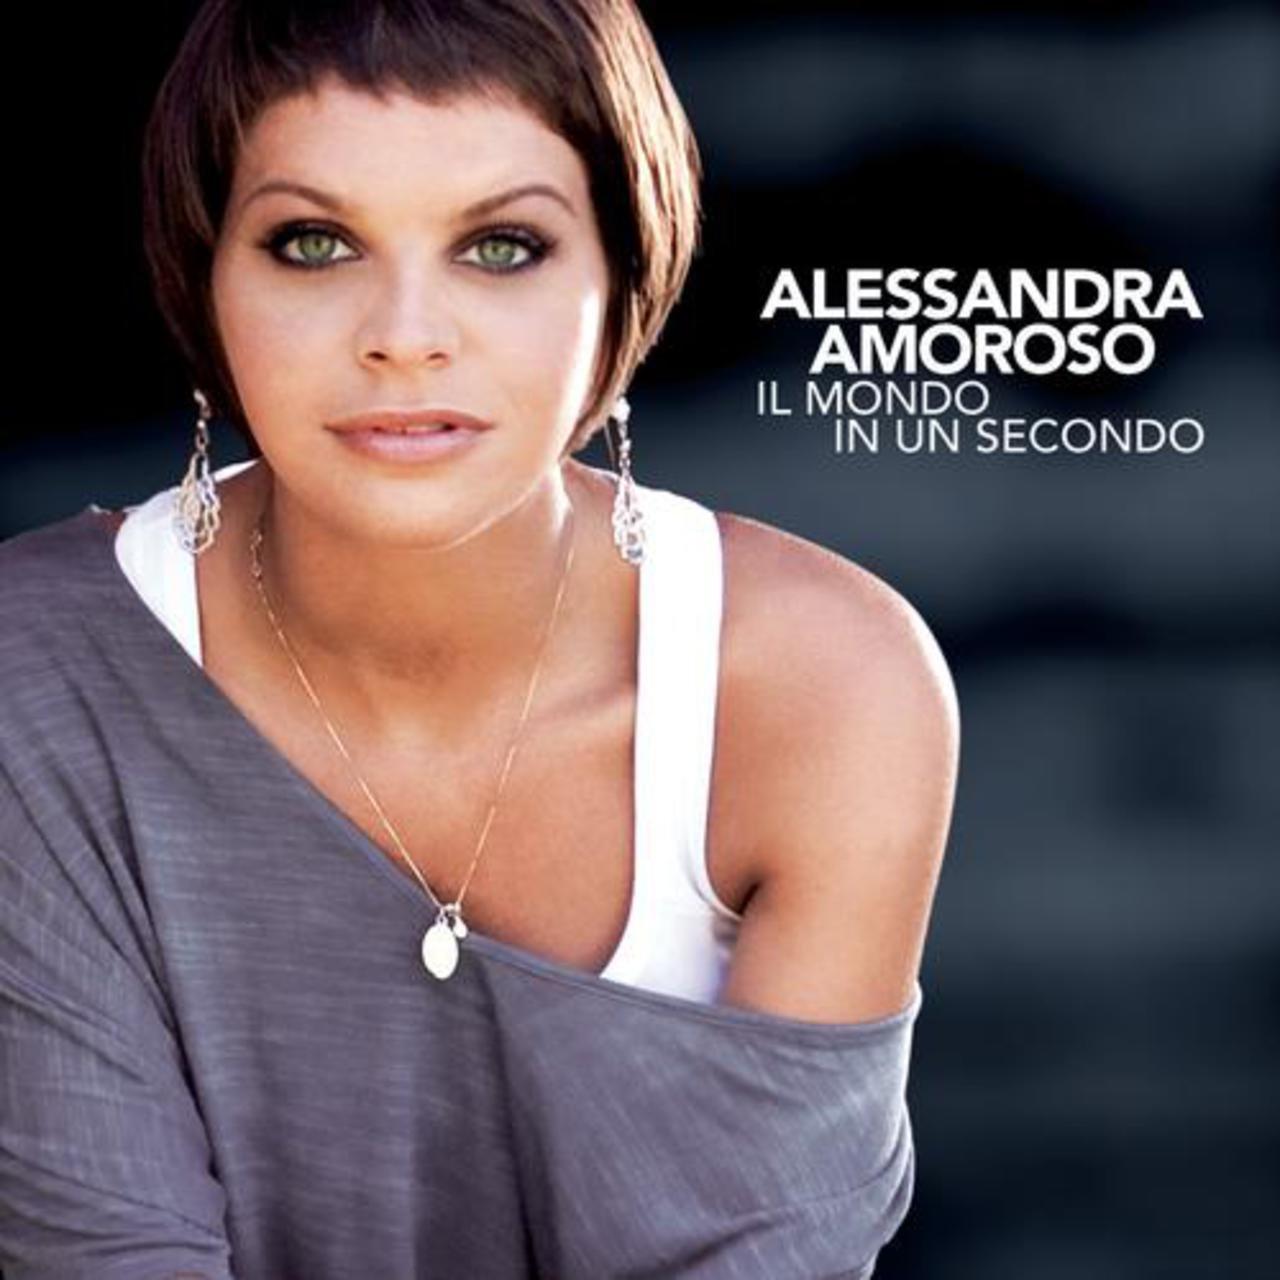 Romantica Ossessione - Alessandra Amoroso: Testo (lyrics), traduzione e video